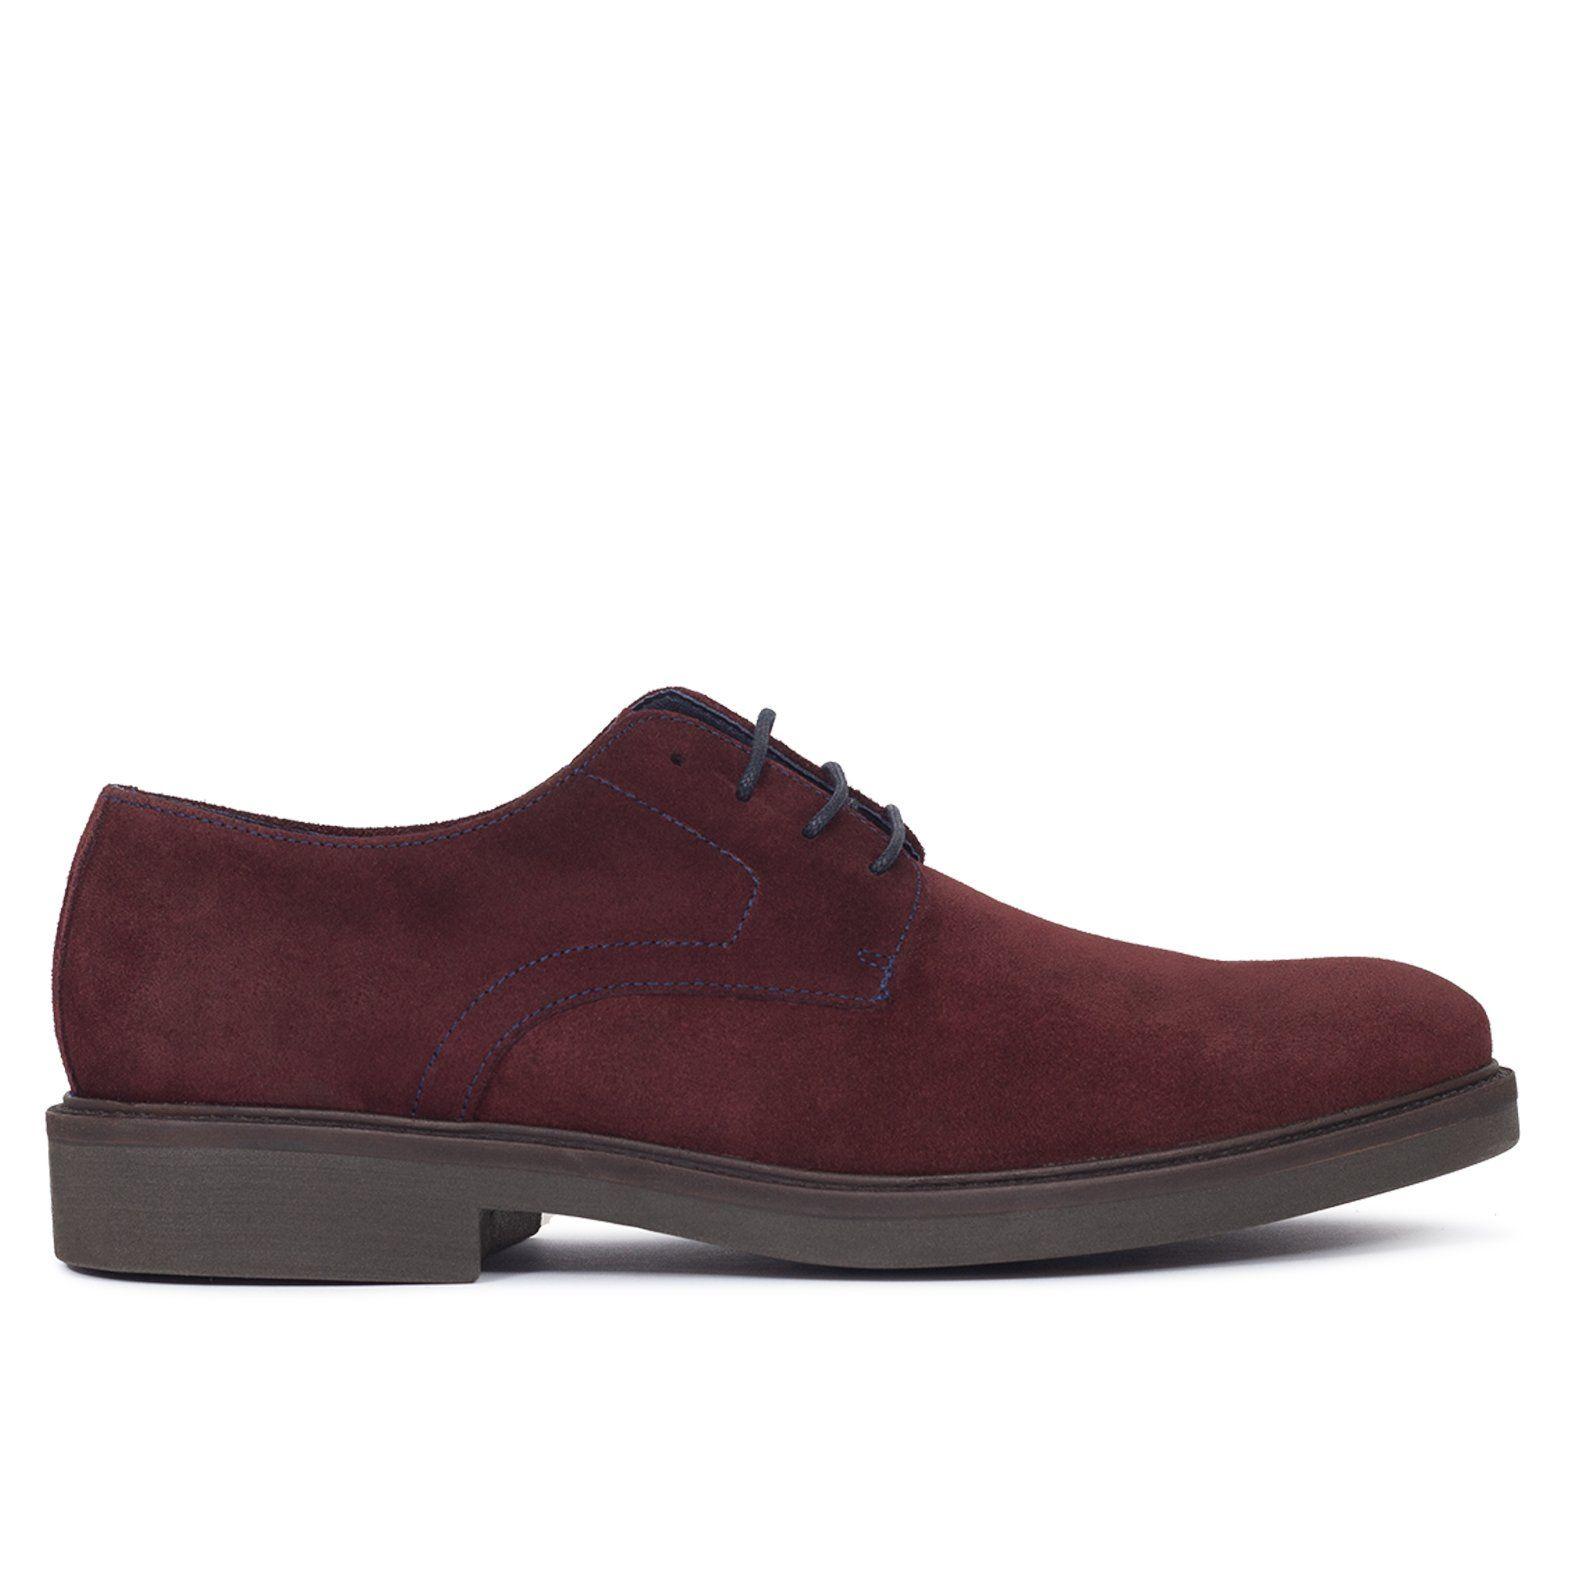 fa41bb33ca2b9 Zapato de hombre con ordones de piel BURDEOS - Zapatos online miMaO – miMaO  ShopOnline